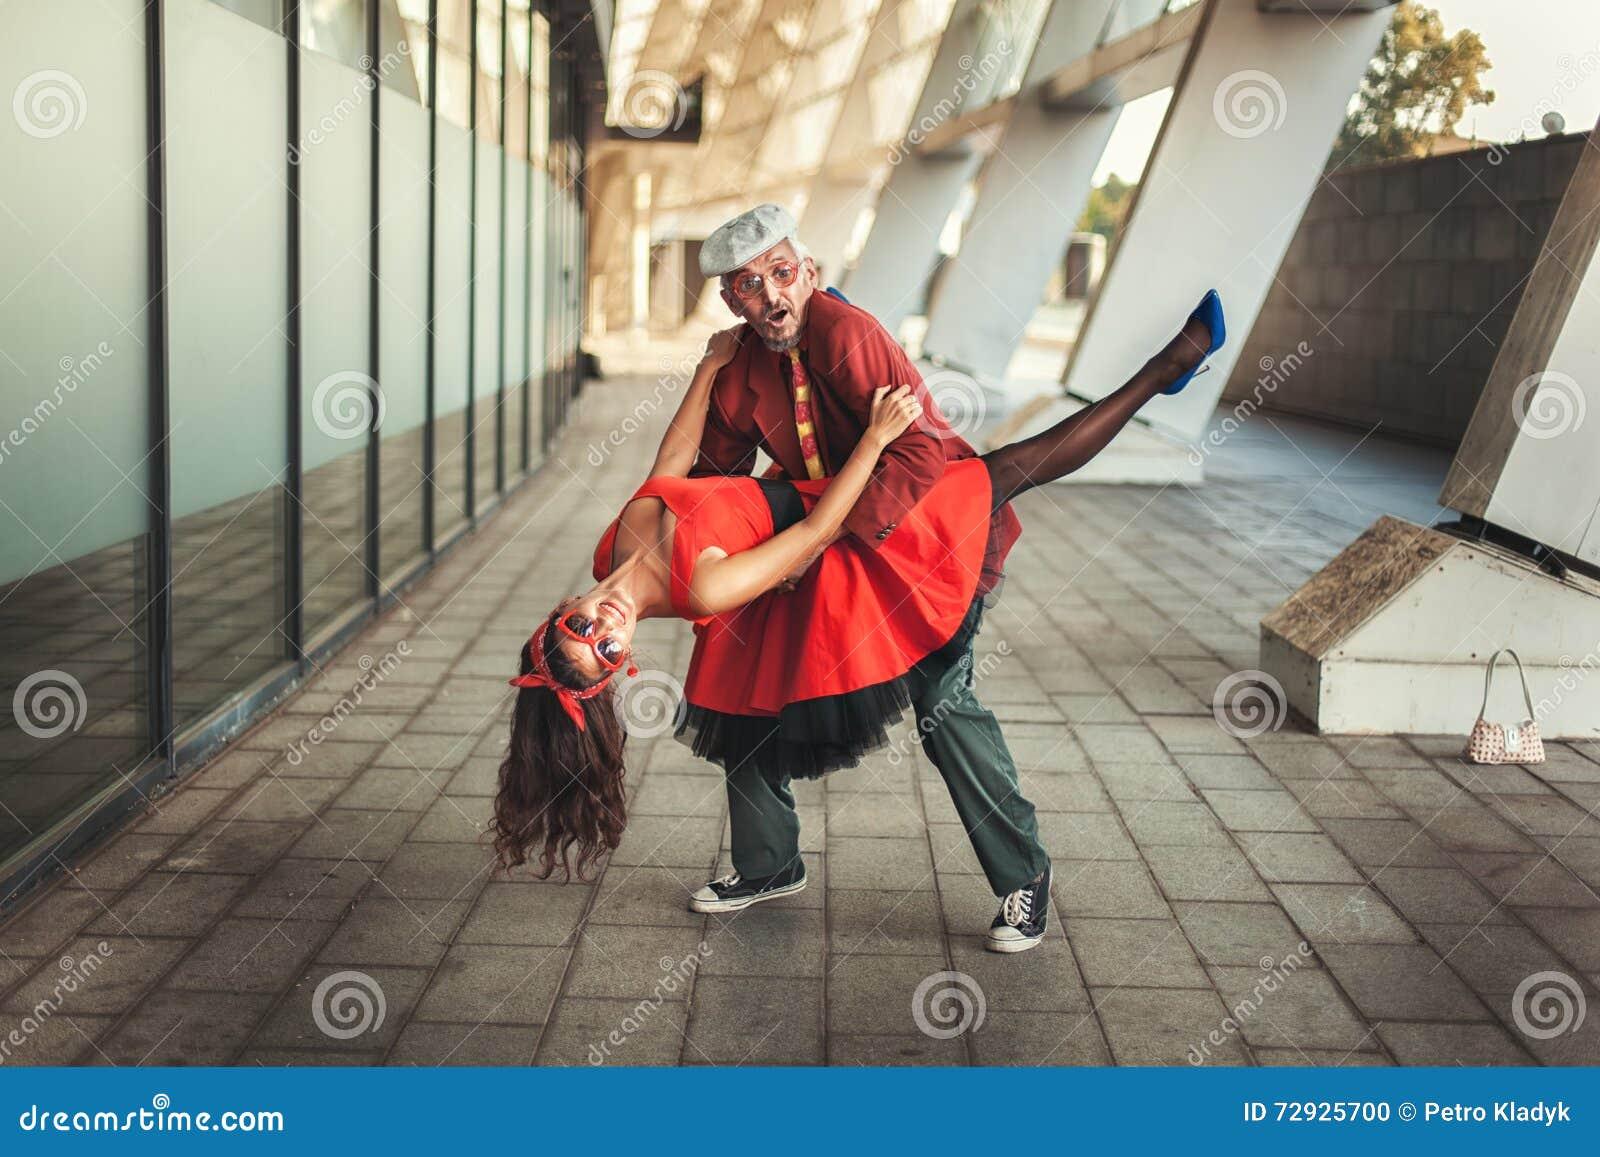 Συνδέστε τον χορό περιστασιακή dating με σιλουέτα